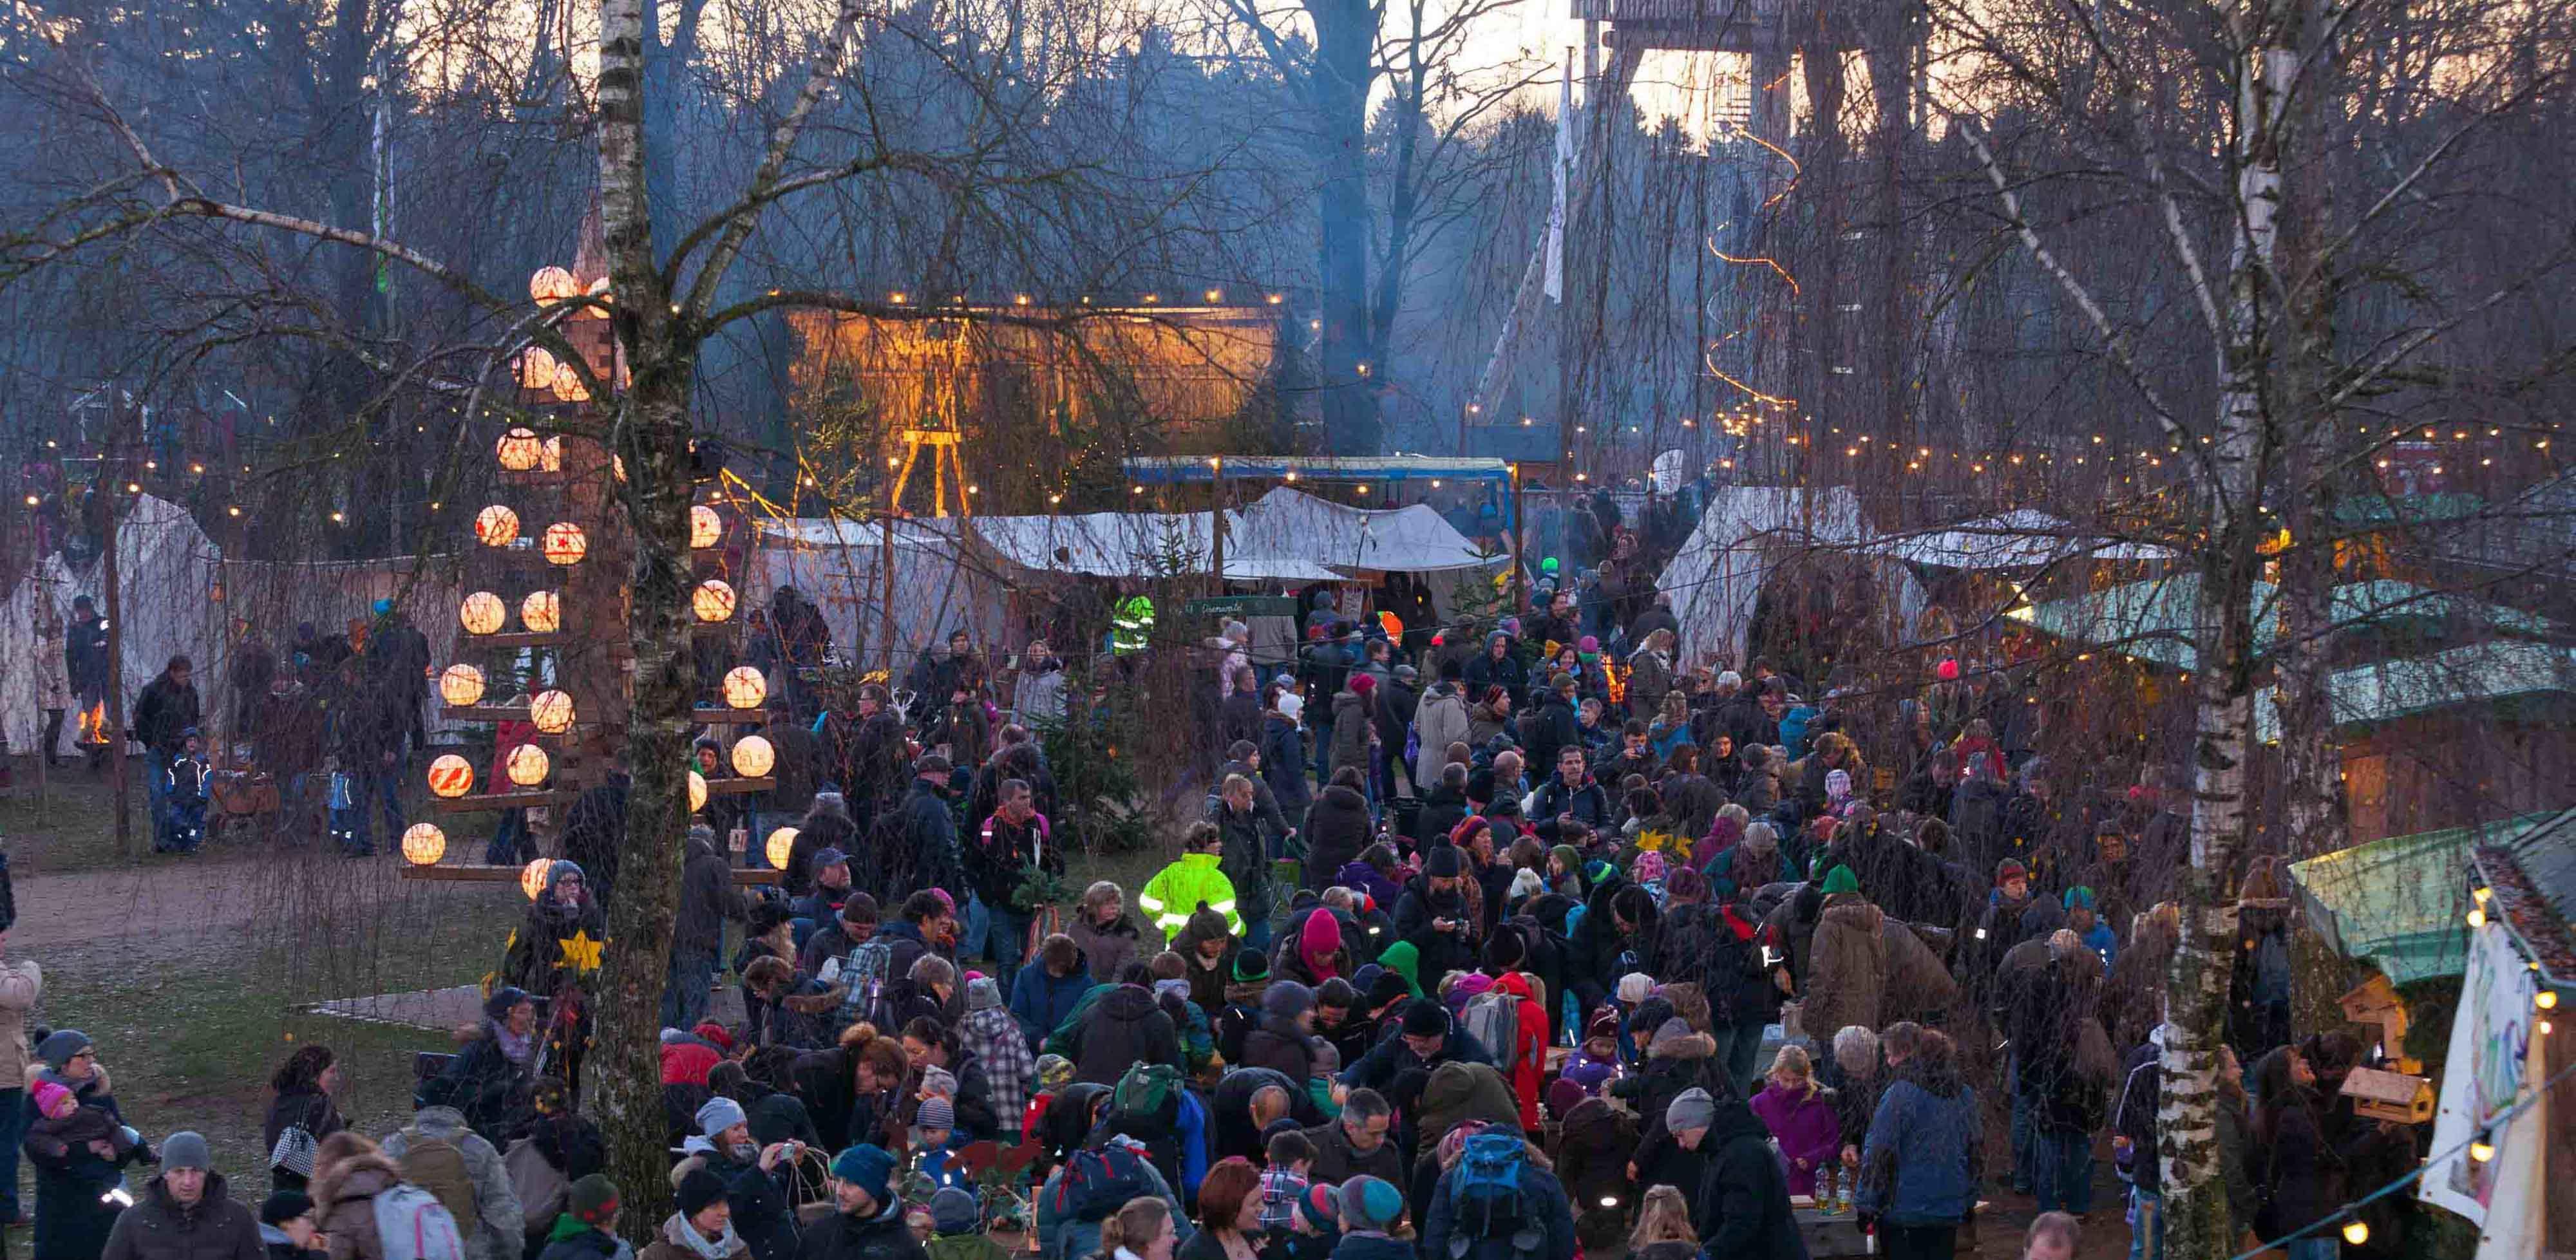 Der Besucheransturm bei der Waldweihnacht war rekordverdächtig. Über 6000 Besucher strömten in den vorweinhachtliche geschmückten Erlebniswald Trappenkamp